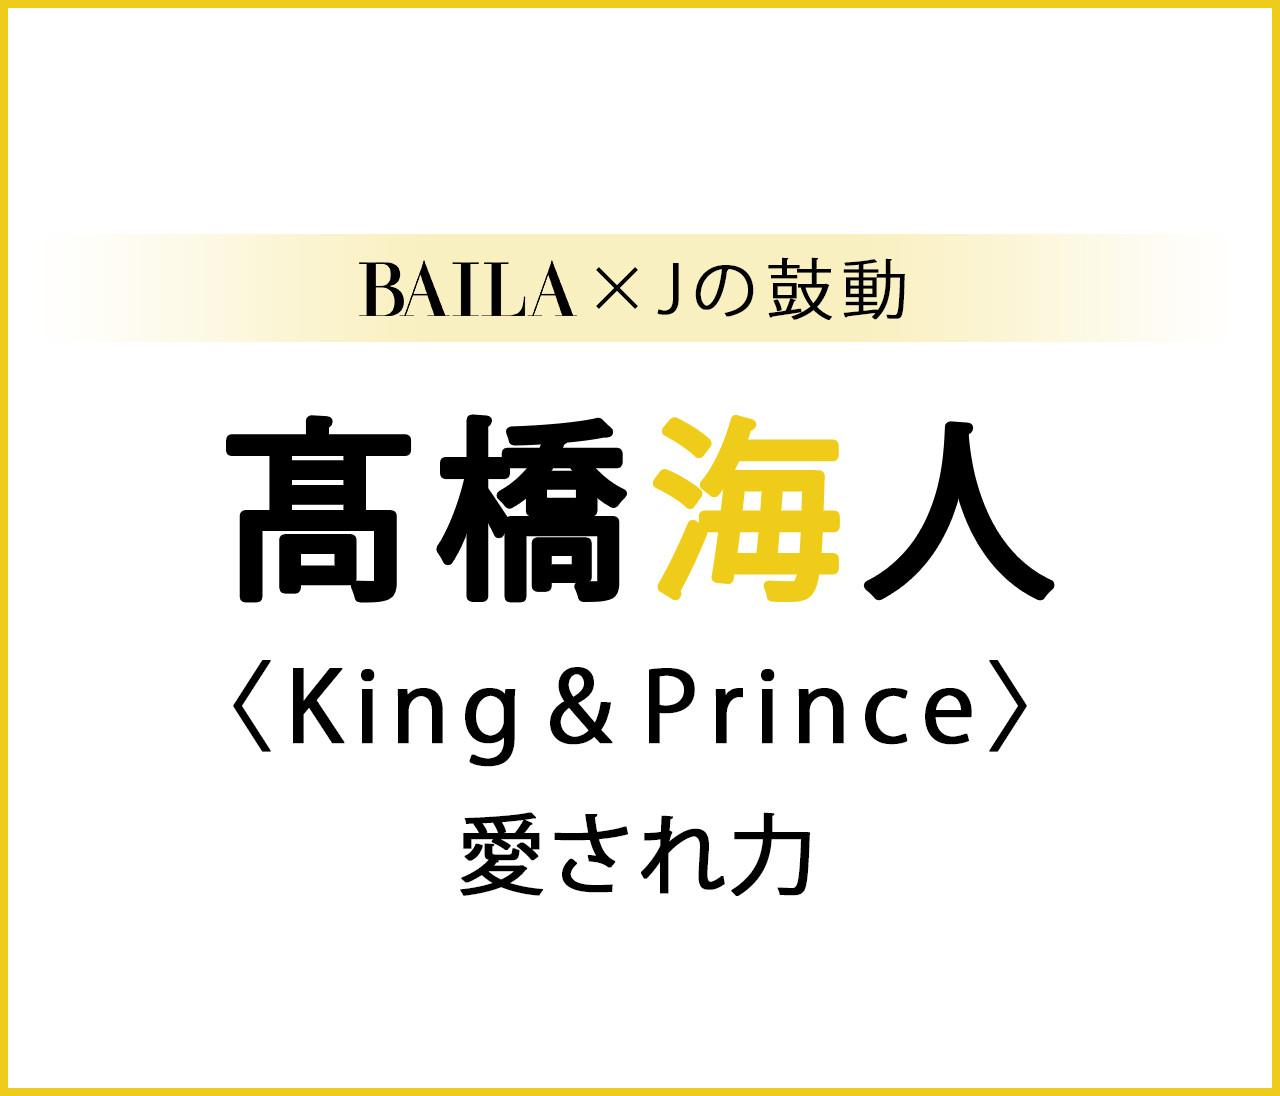 【 #King&Prince #髙橋海人 】King & Prince 髙橋海人スペシャルインタビュー<愛され力>【BAILA × Jの鼓動】